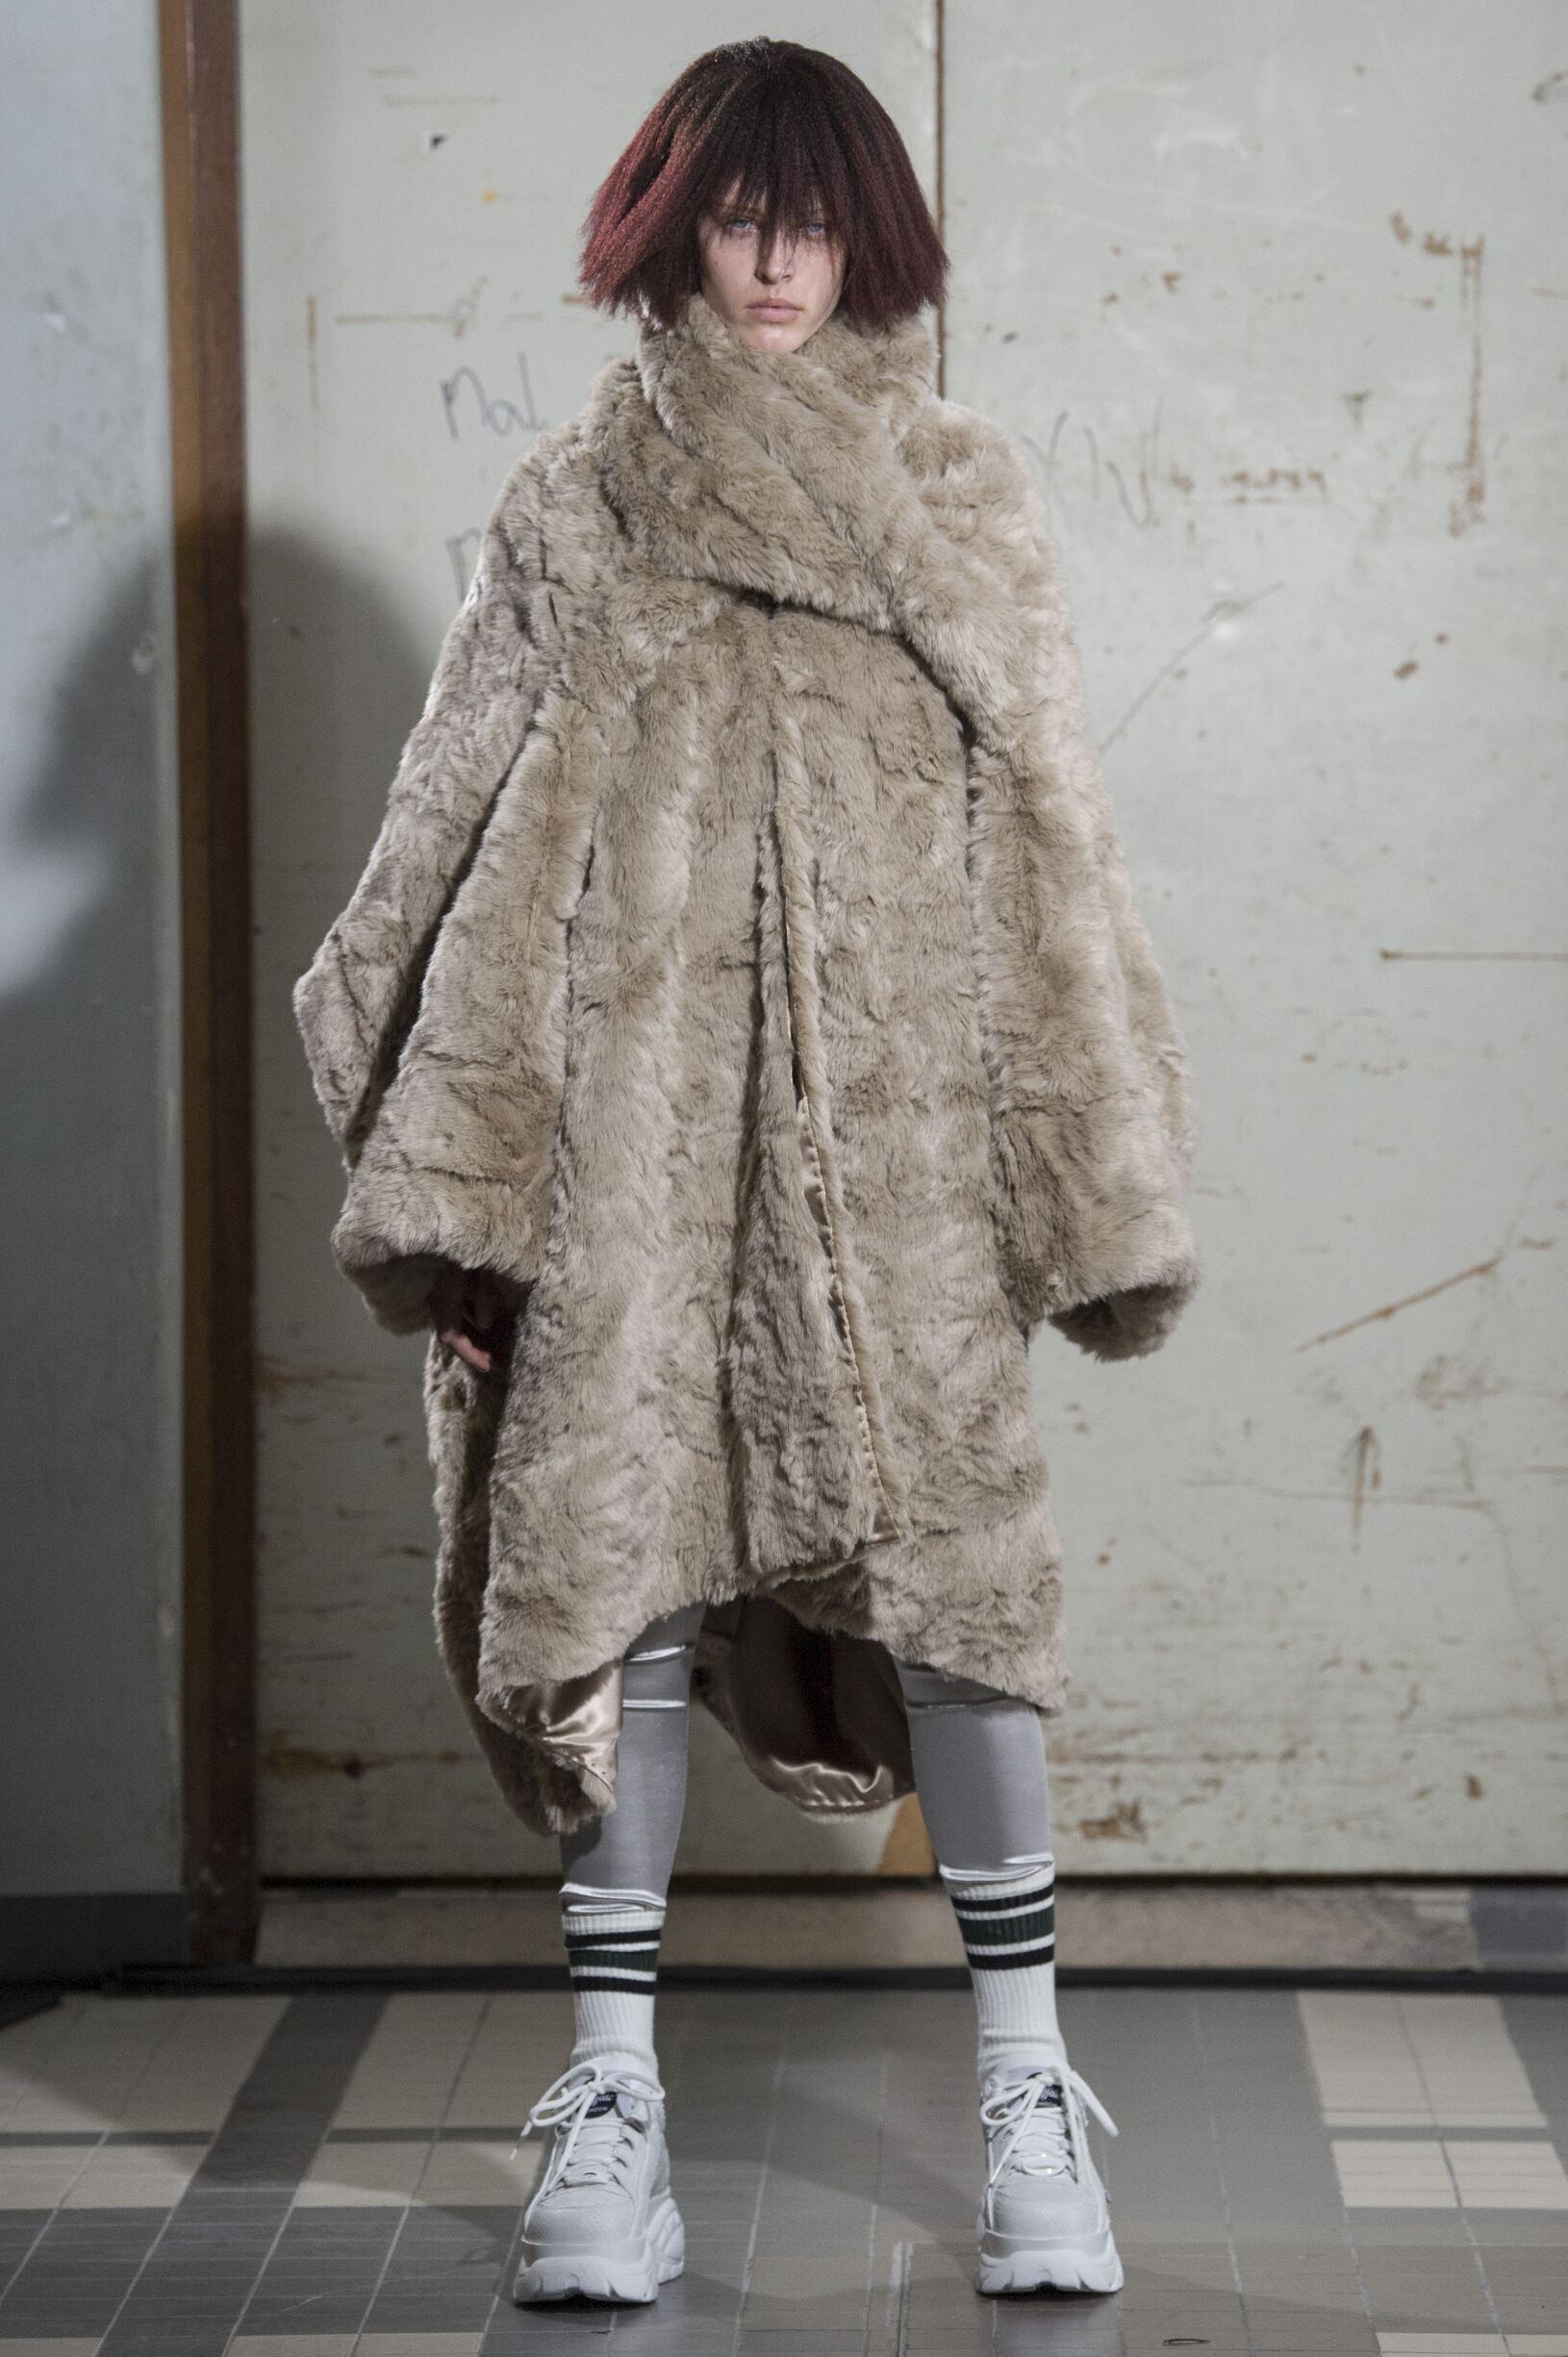 Fashion 2018 2019 Woman Style Junya Watanabe